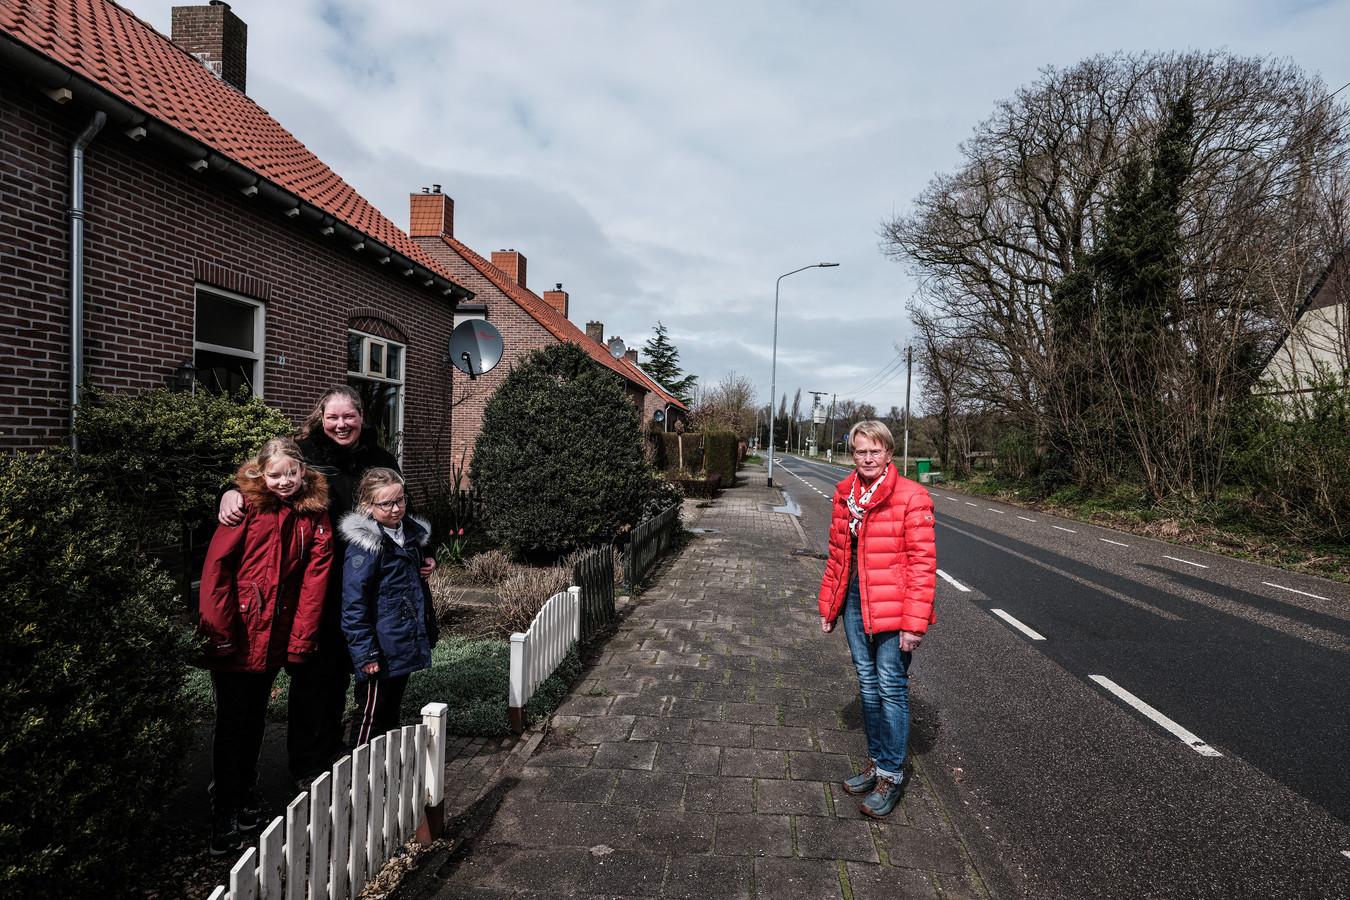 De Duitse grens loopt langs de voortuin van Sabine de Groot en dochters Anne en Emma. Zij mogen officieel niet zonder negatief testbewijs op Duits grondgebied verblijven,  waar hun Duitse overbuurvrouw Ingrid Jansen staat.